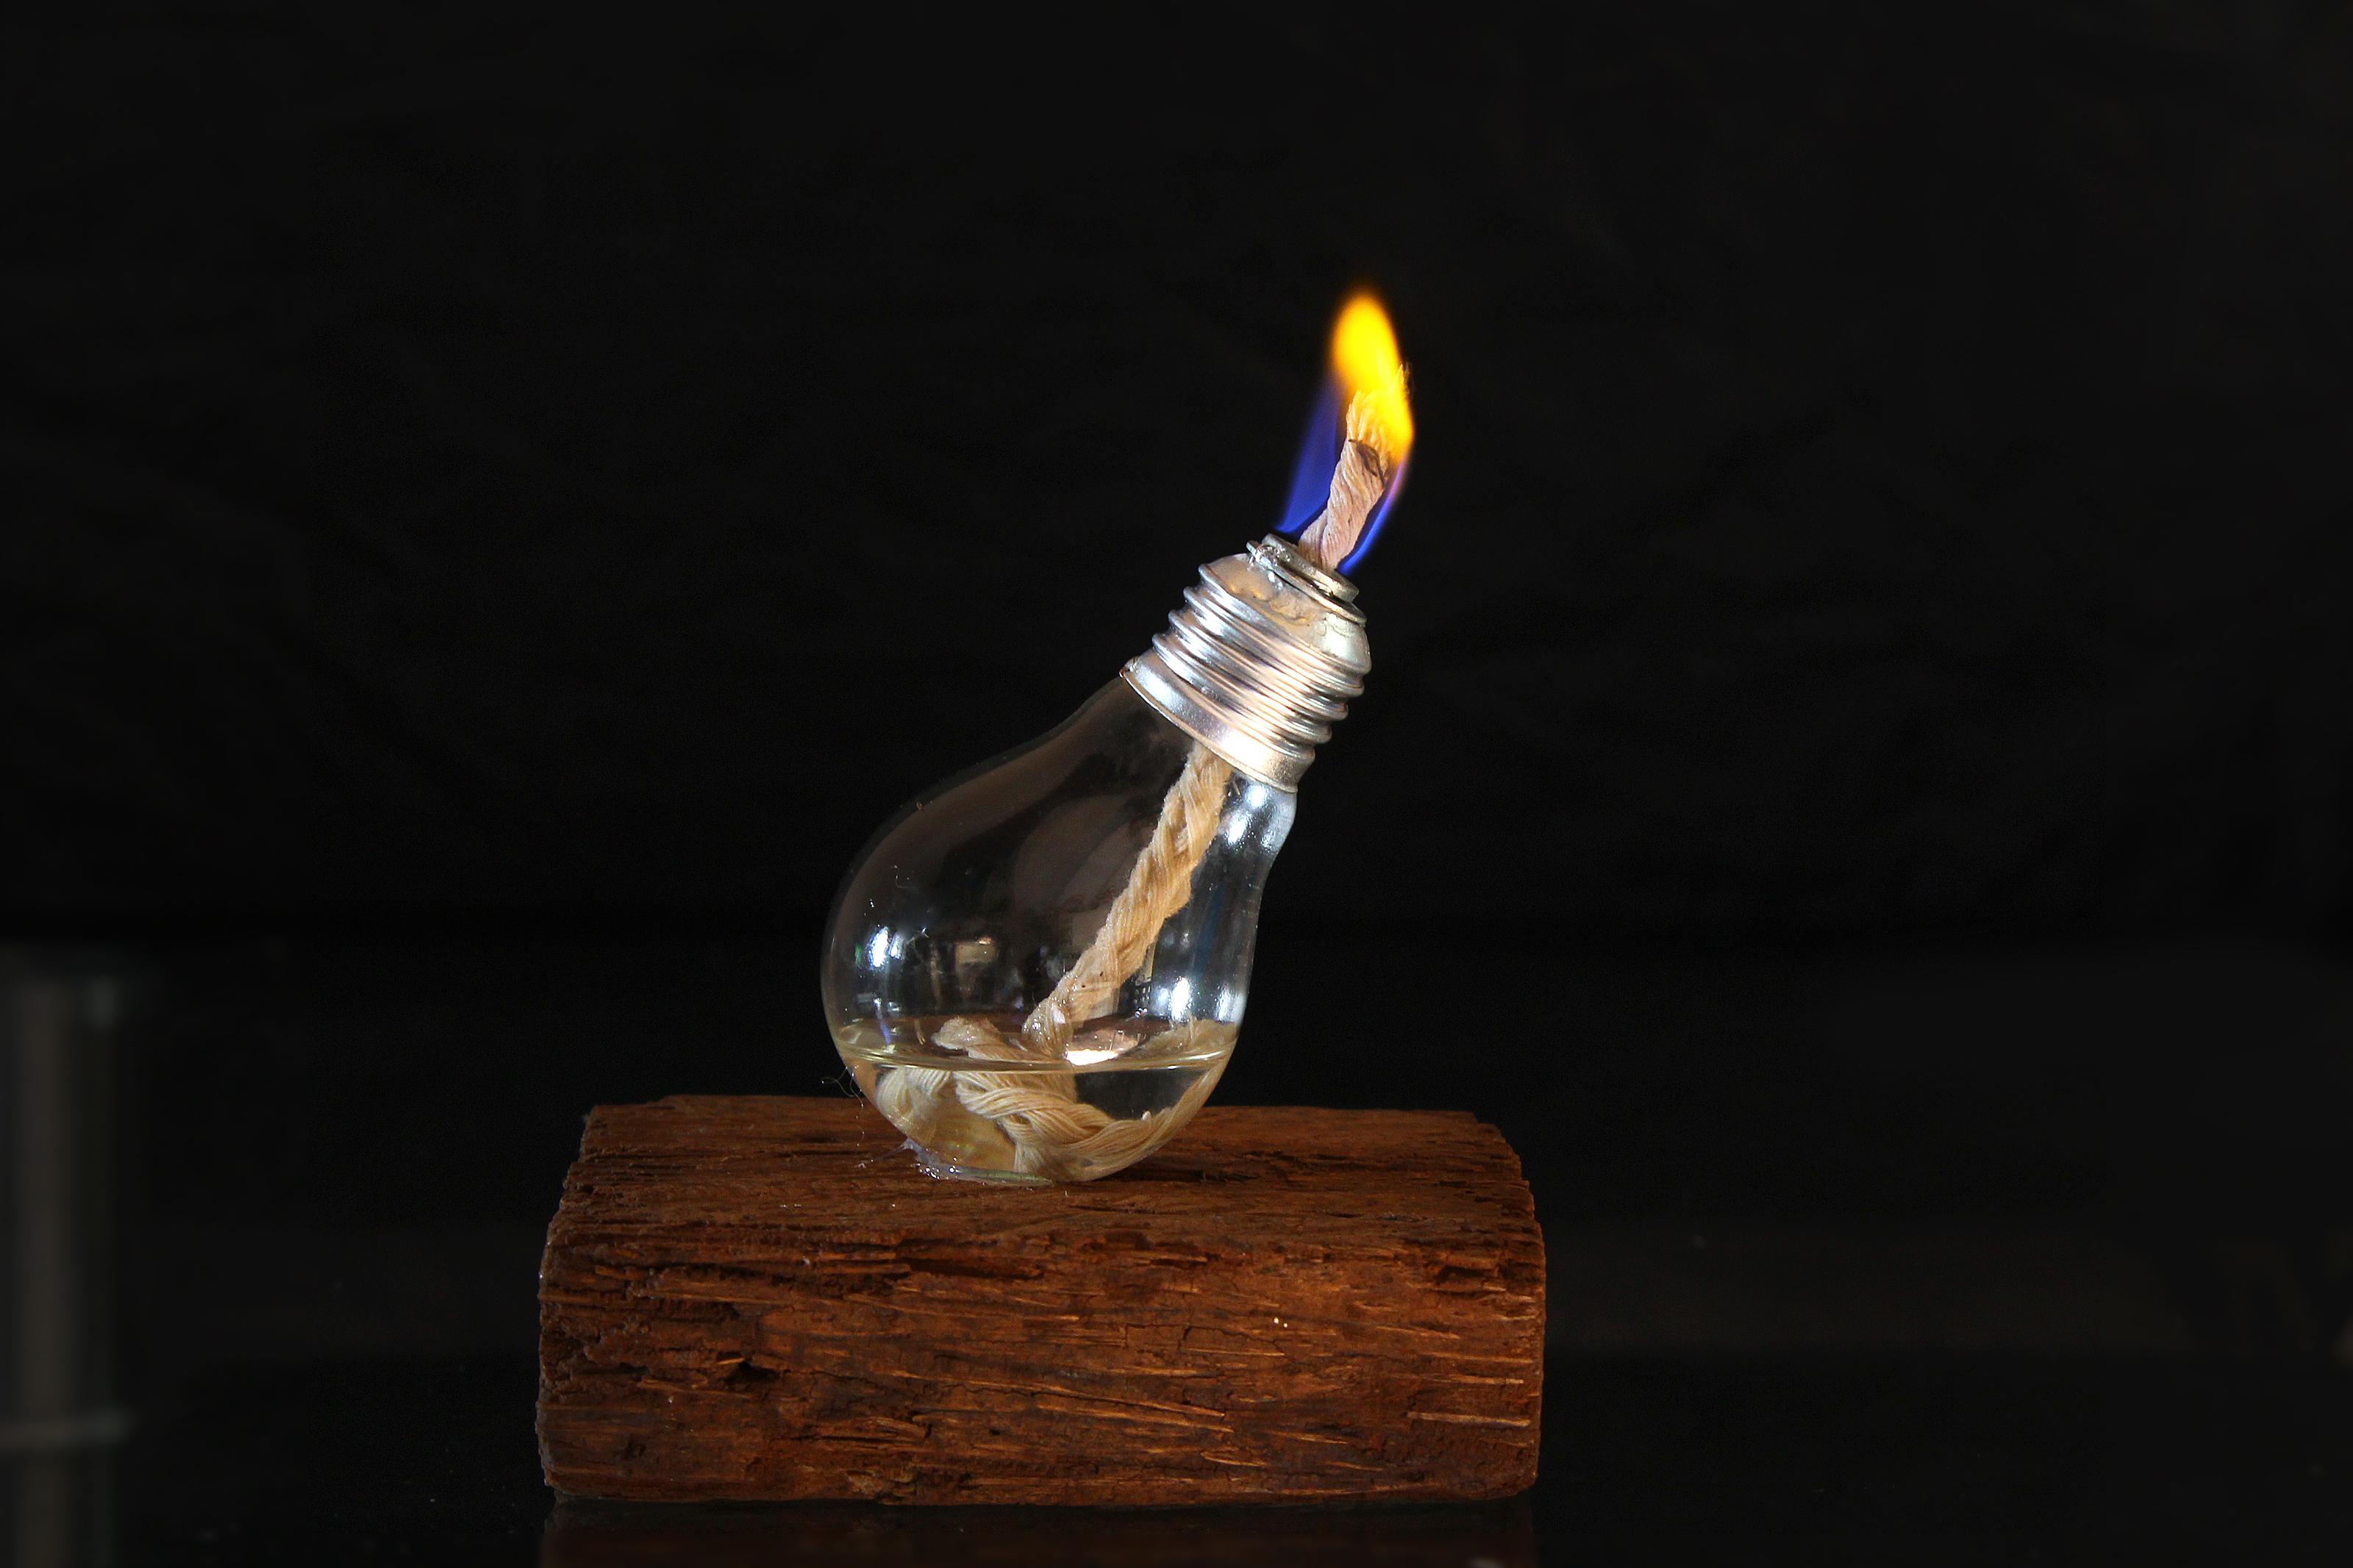 [how are light bulbs made]